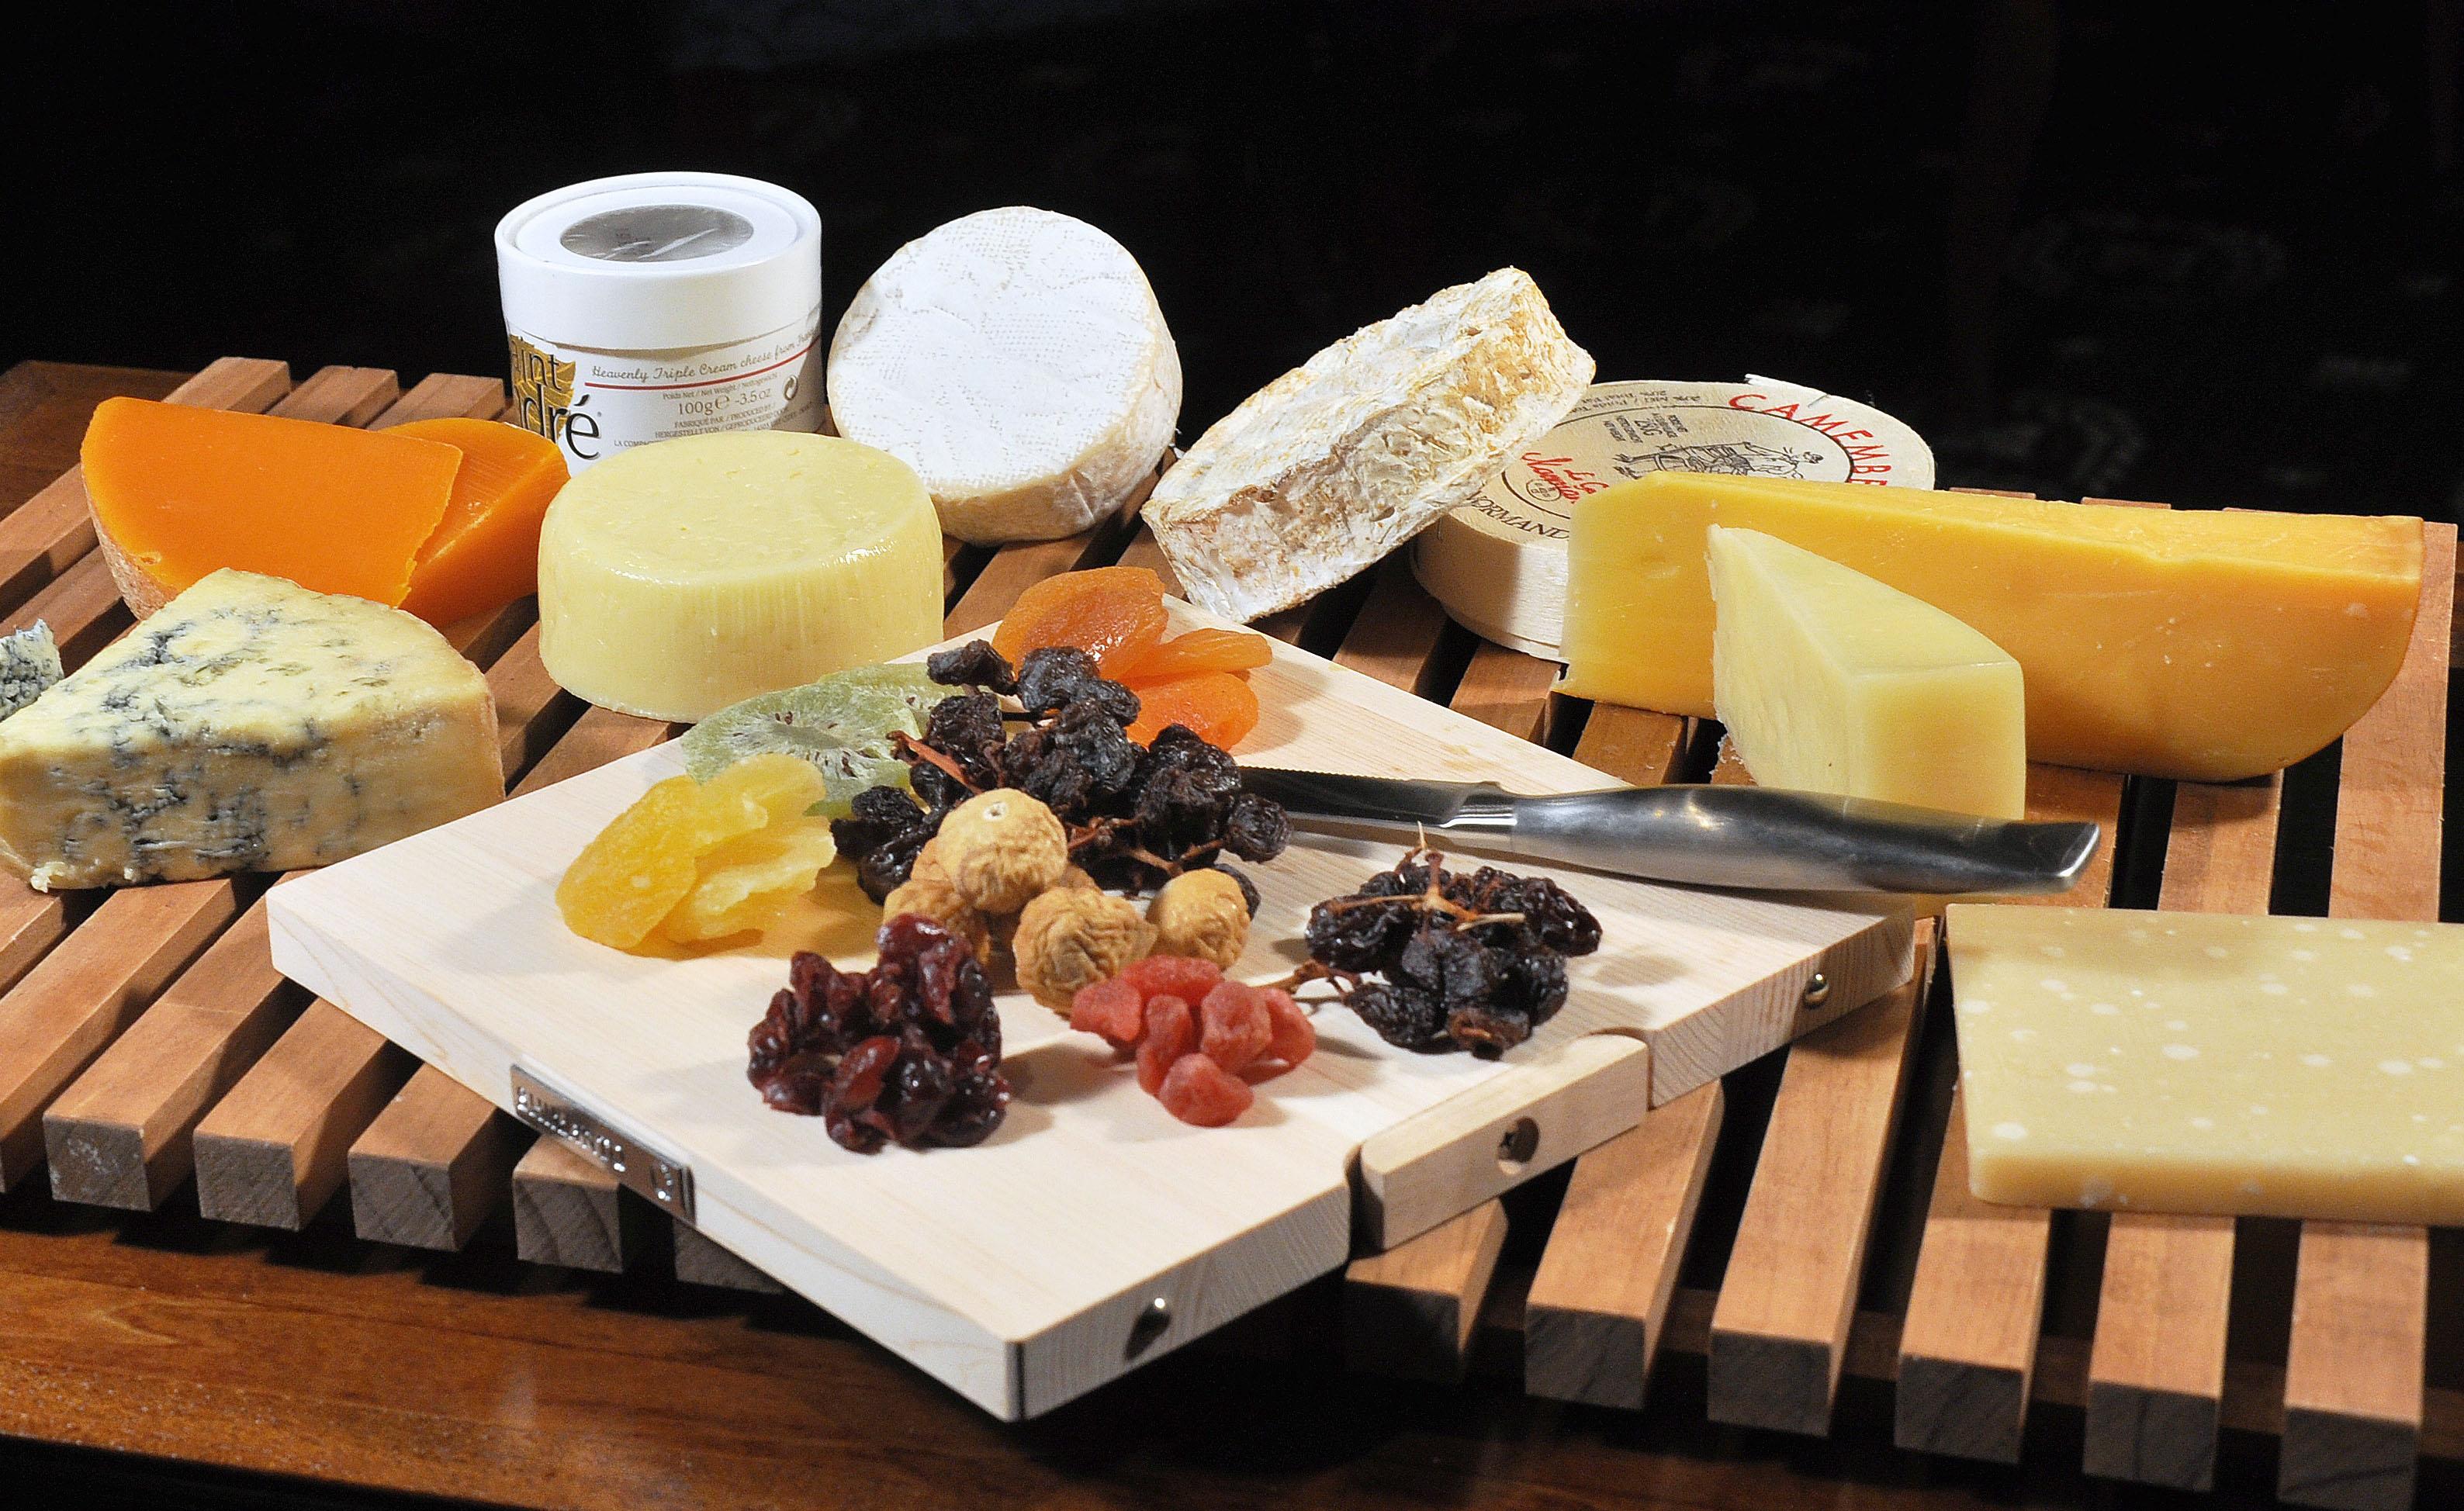 チーズの栄養素をご紹介!知らなかったチーズの一面が見えるかも!?のサムネイル画像